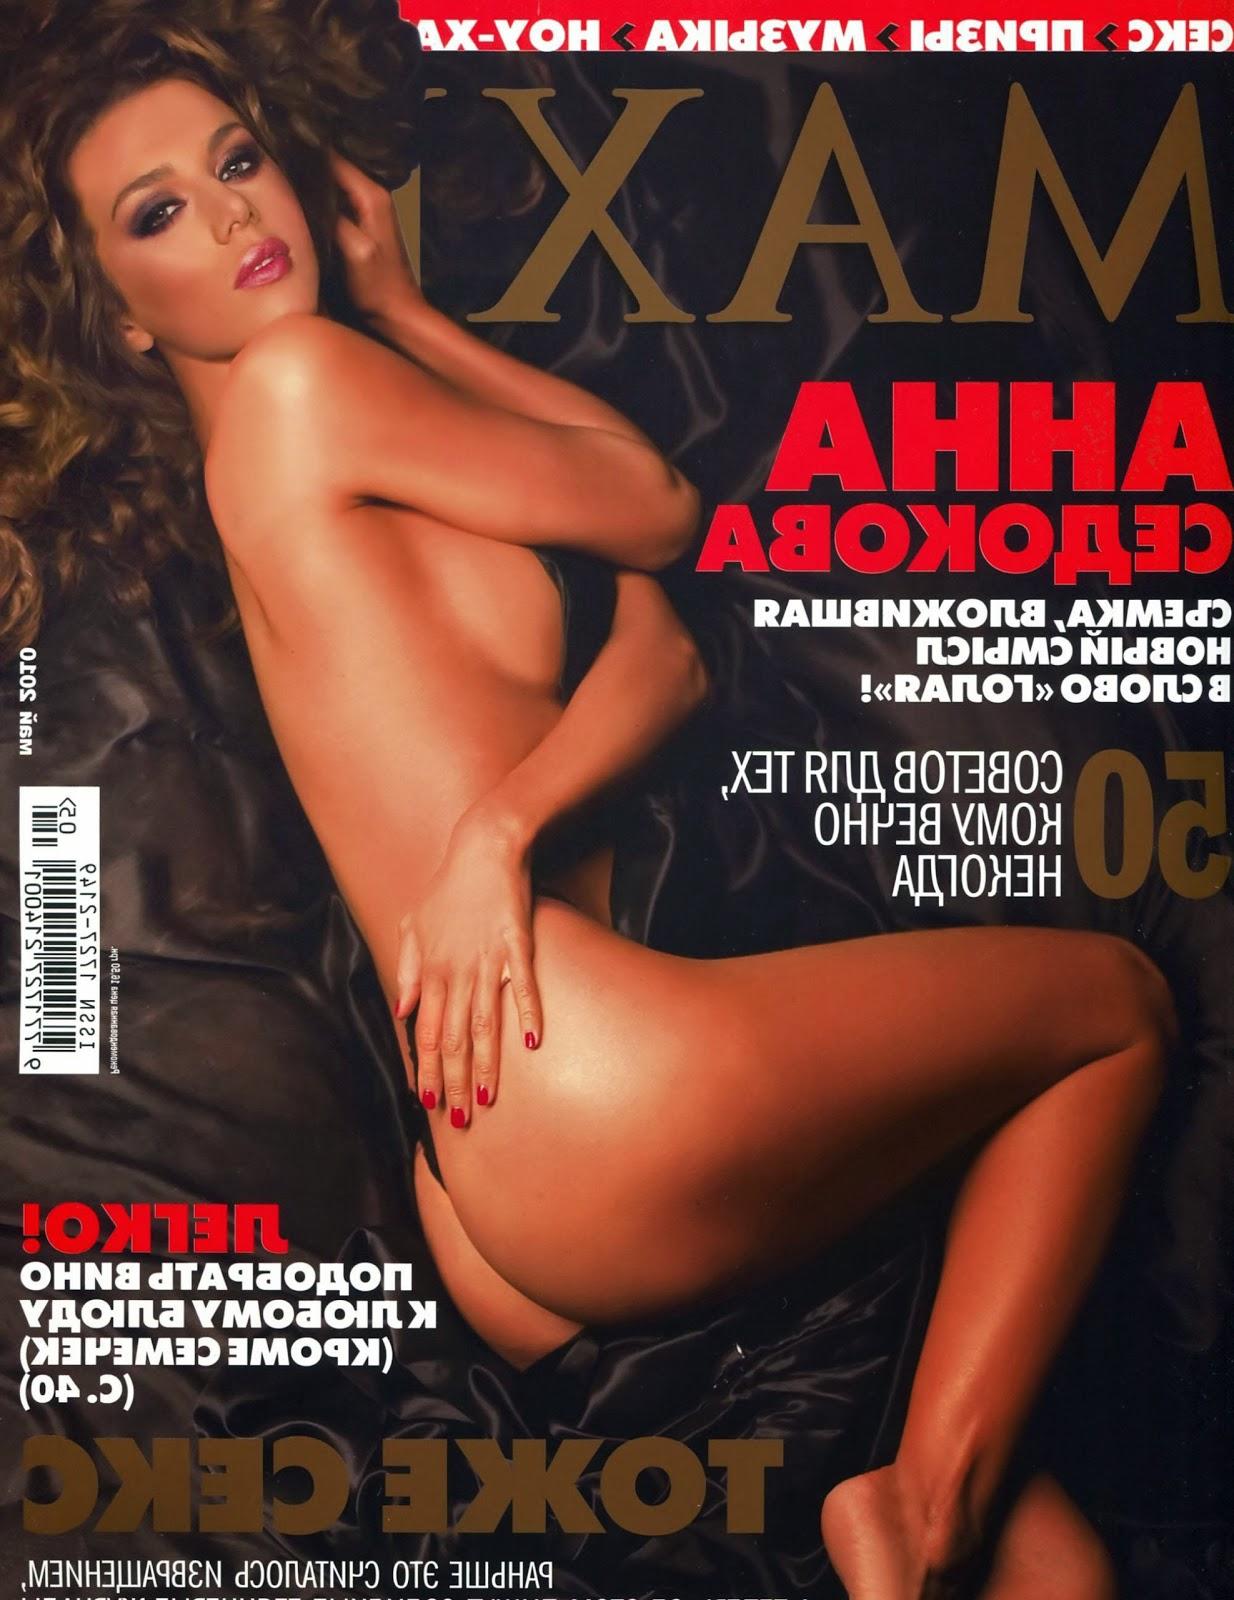 russkoe-eroticheskoe-video-onlayn-hd